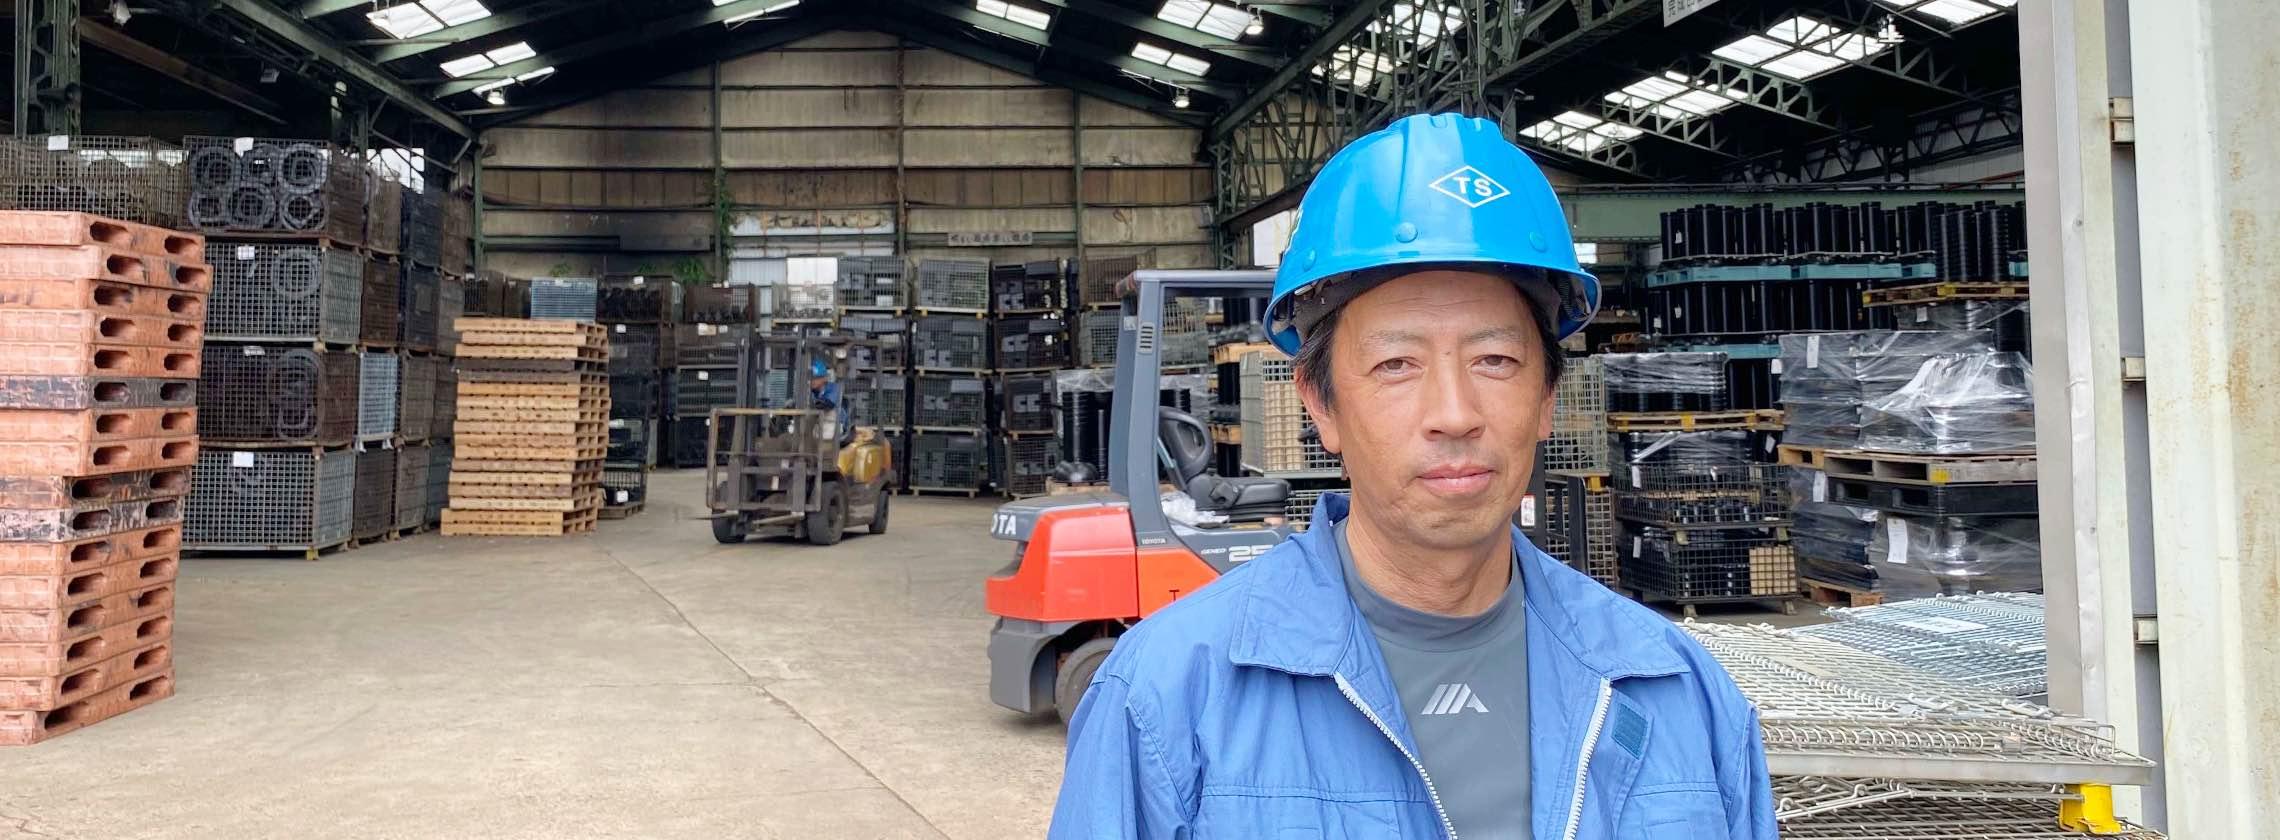 工作・組立・組付・発送|三重県鋳造メーカー求人情報|大洋産業